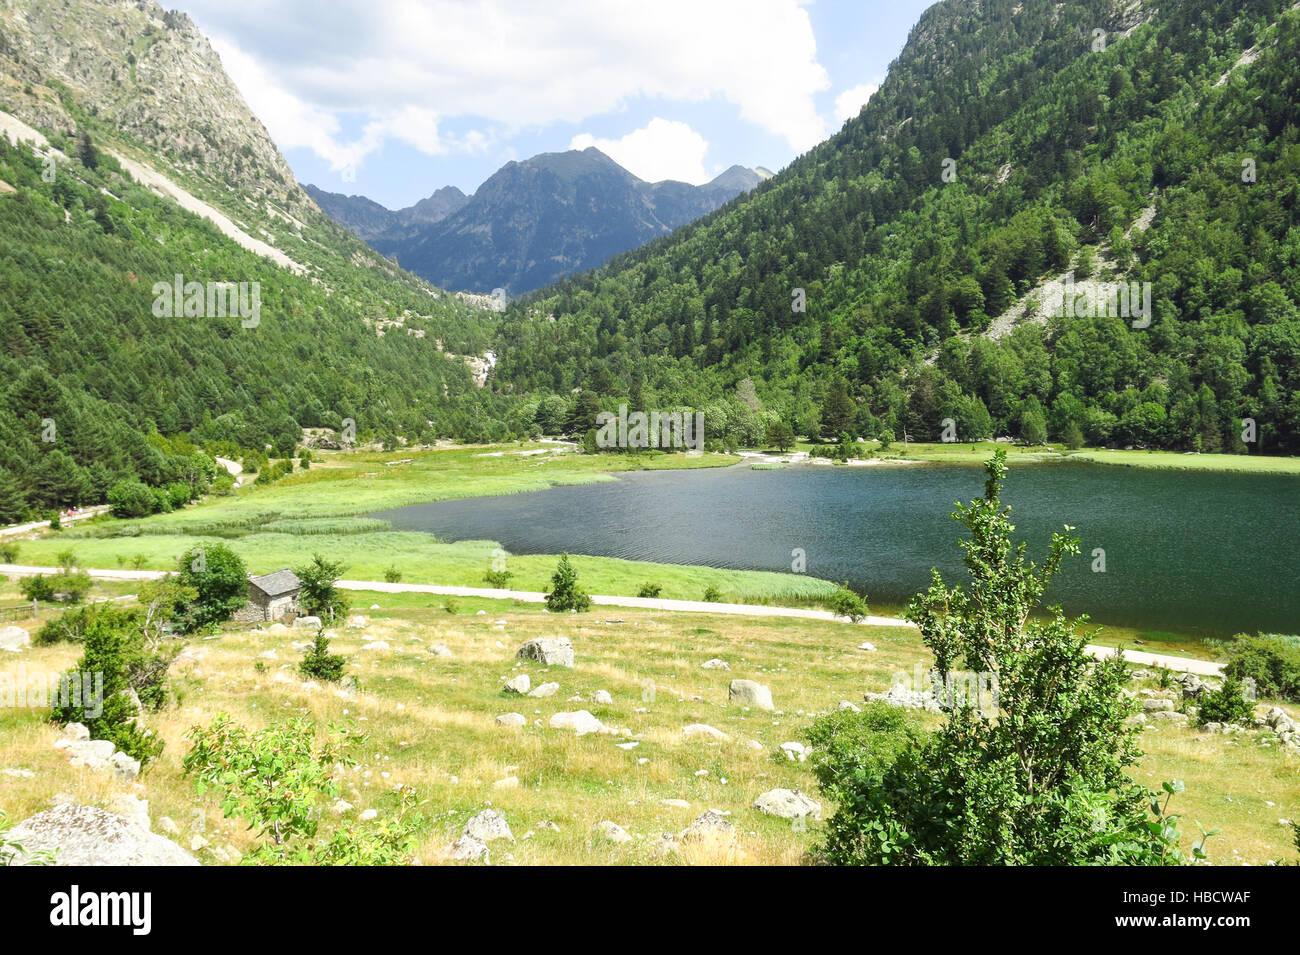 Llebreta pond. Le Parc National Aigüestortes à Panorama dans les Pyrénées Catalanes, Espagne Photo Stock